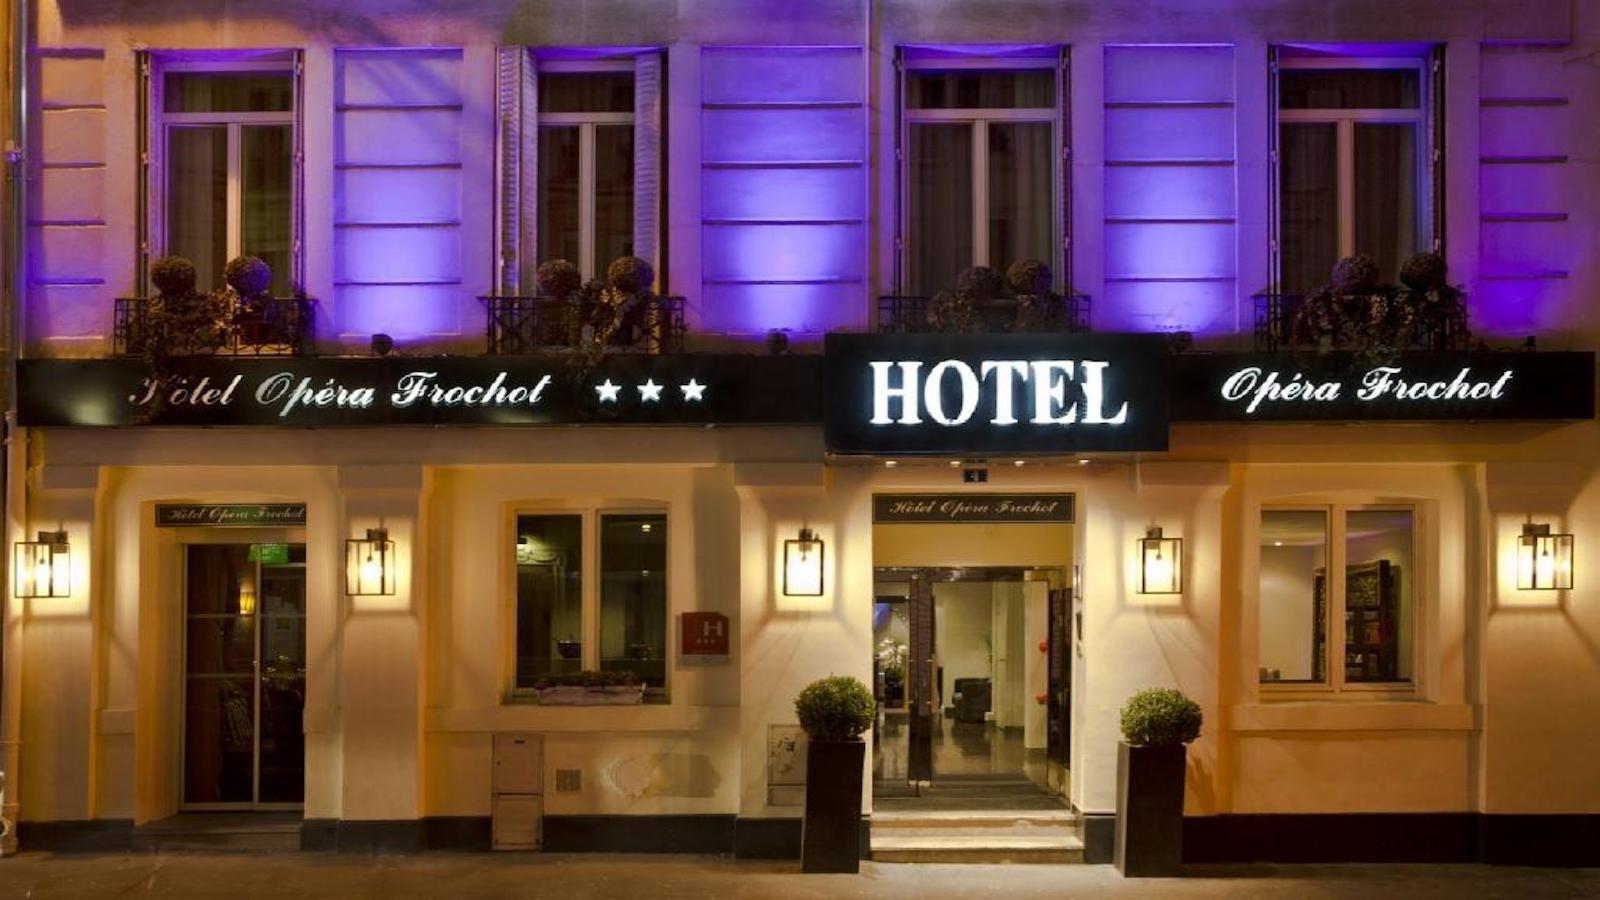 Hôtel Opéra Frochot Paris client Ododo